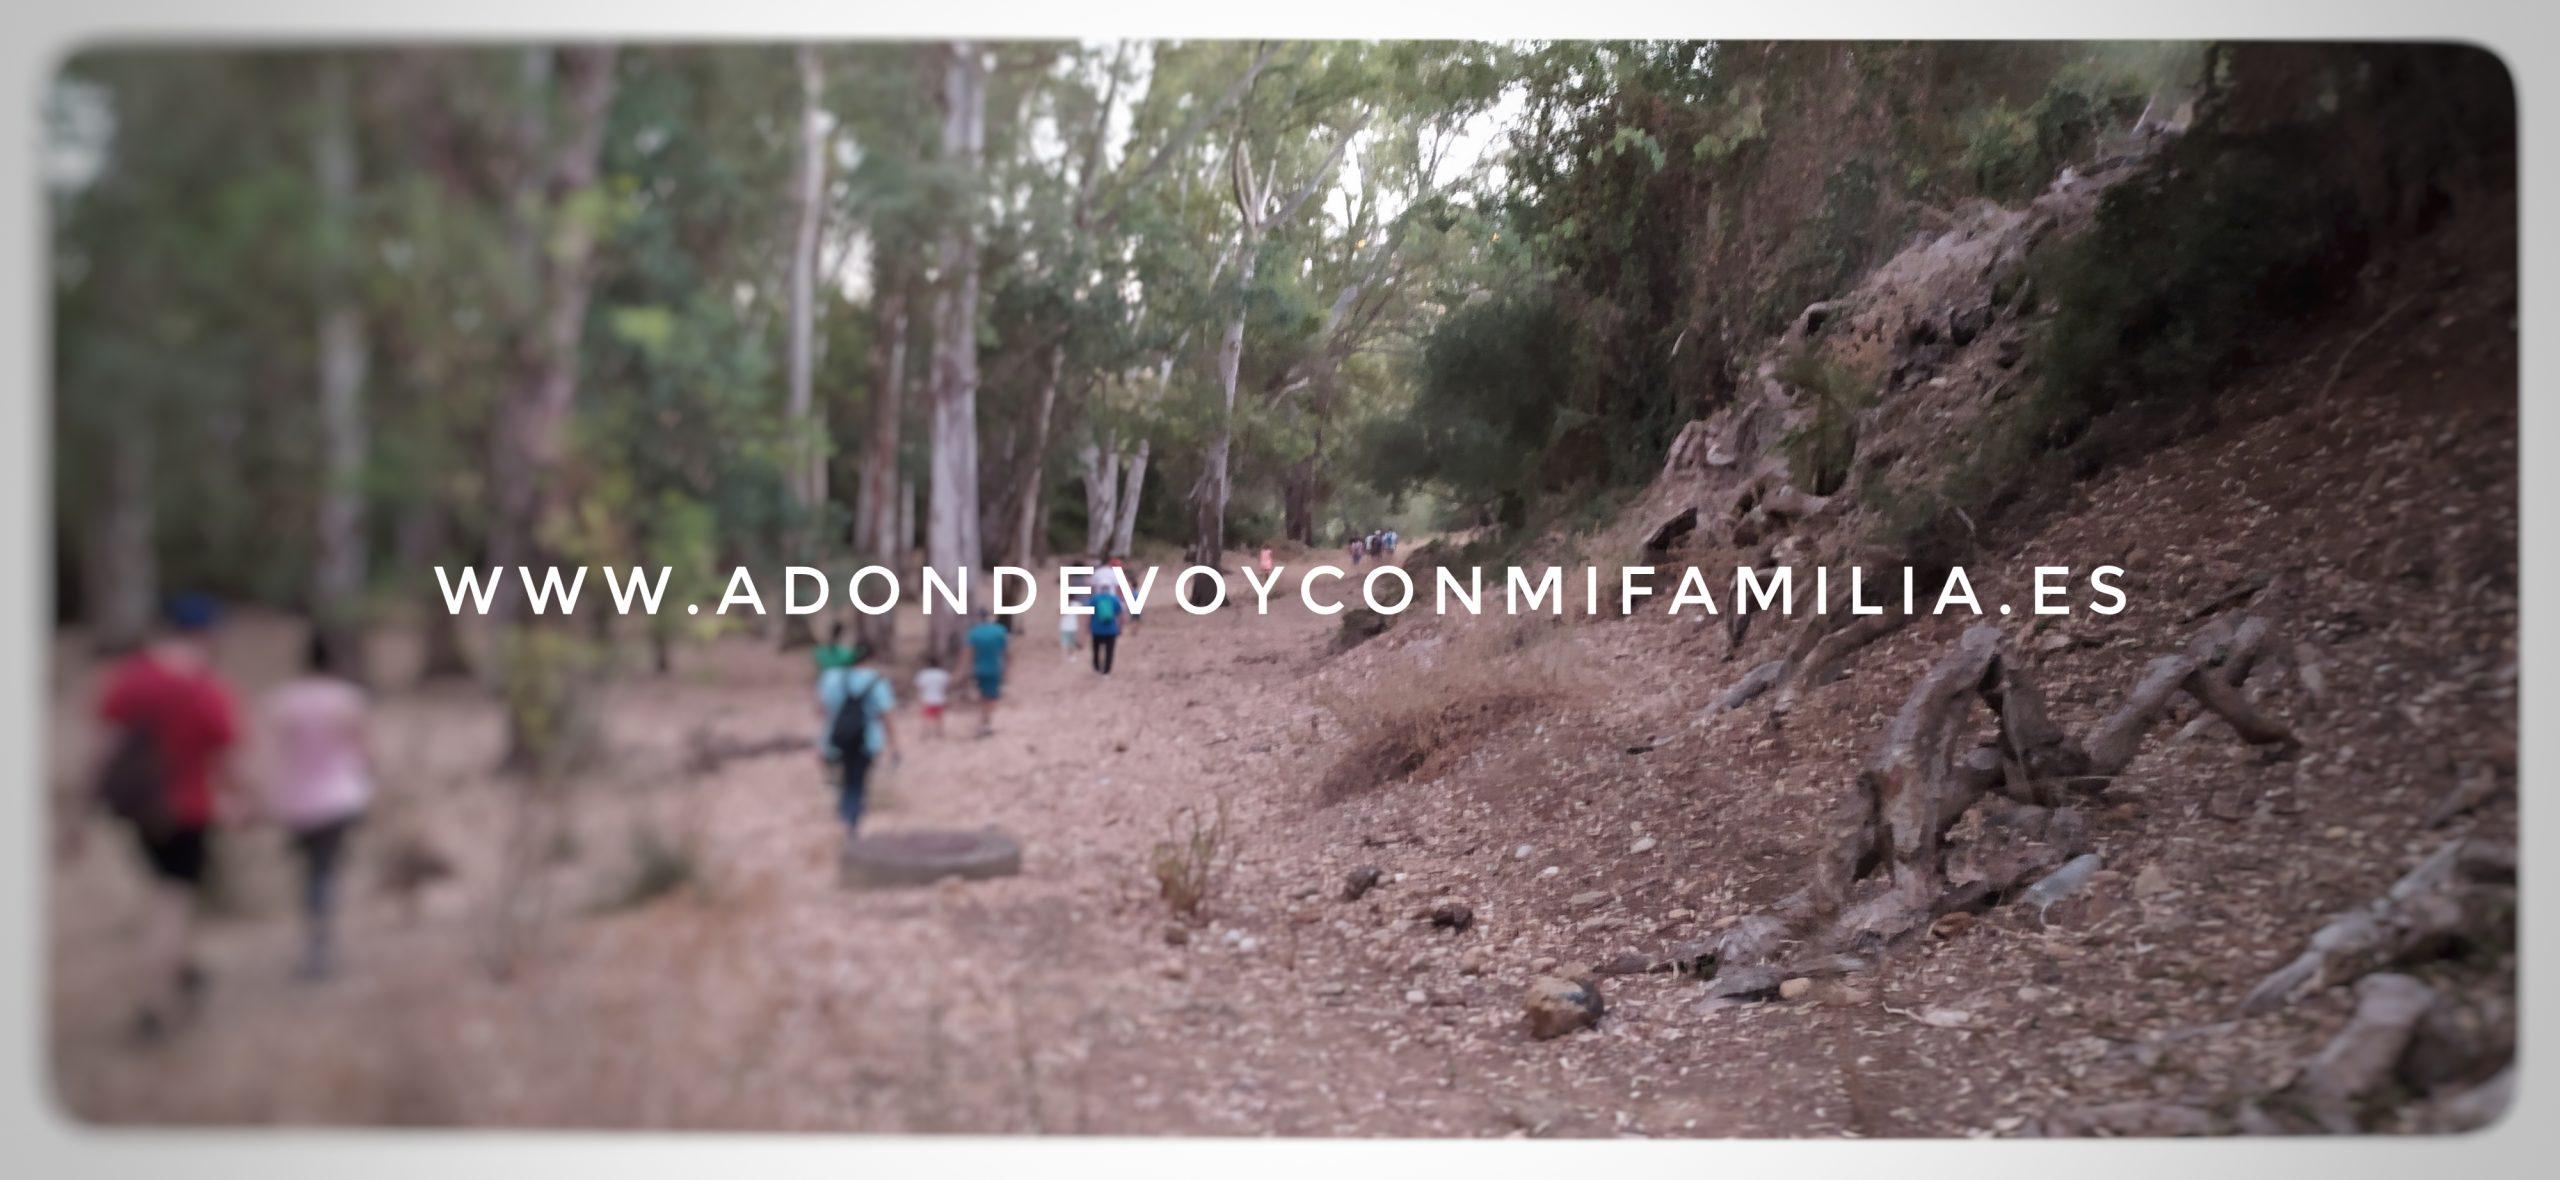 sendero los tajos de arcos adondevoyconmifamilia agosto 2020 (6)